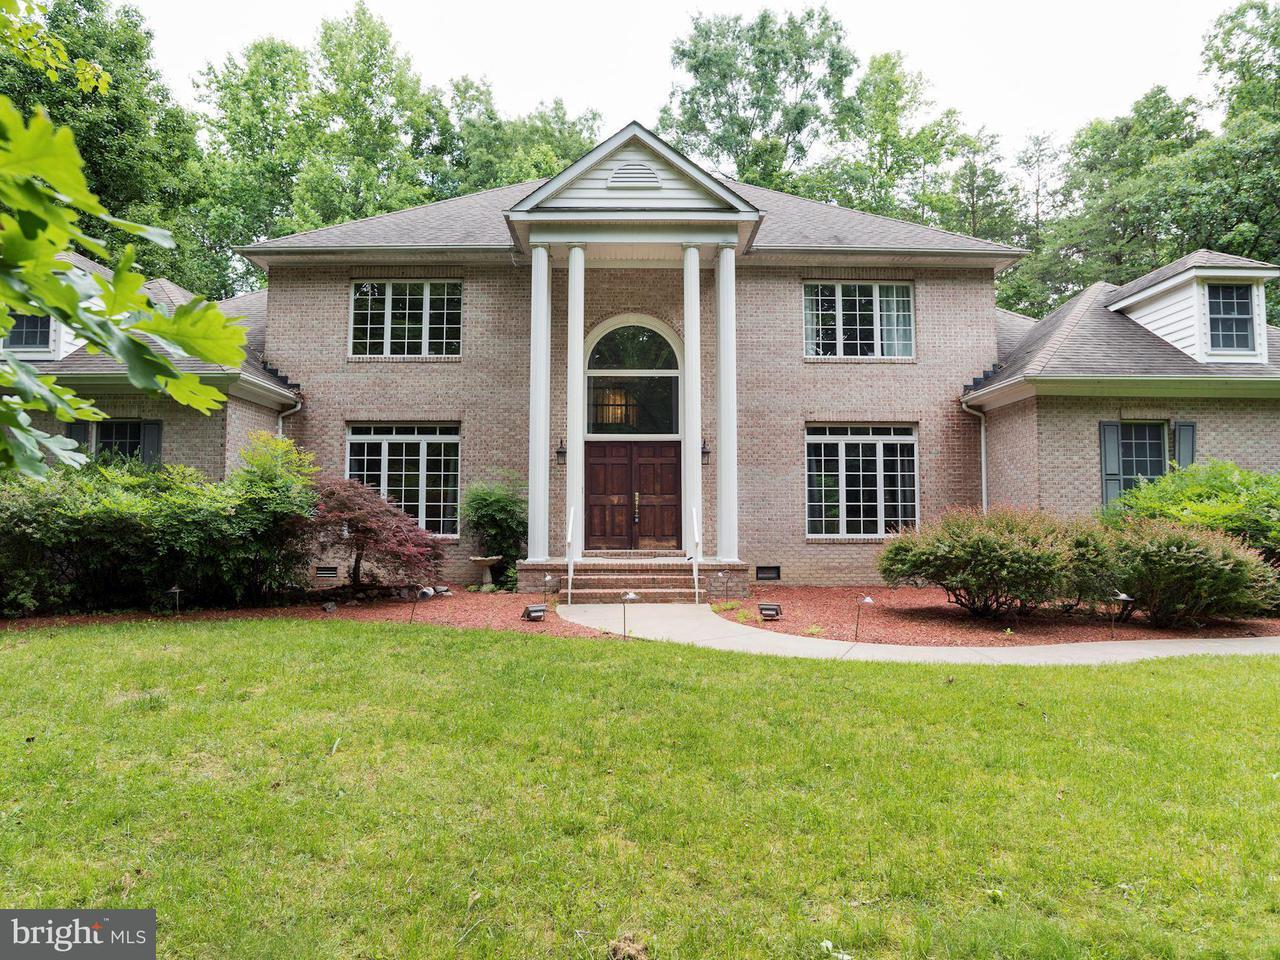 獨棟家庭住宅 為 出售 在 13601 KALMBACKS MILL Drive 13601 KALMBACKS MILL Drive Fredericksburg, 弗吉尼亞州 22407 美國